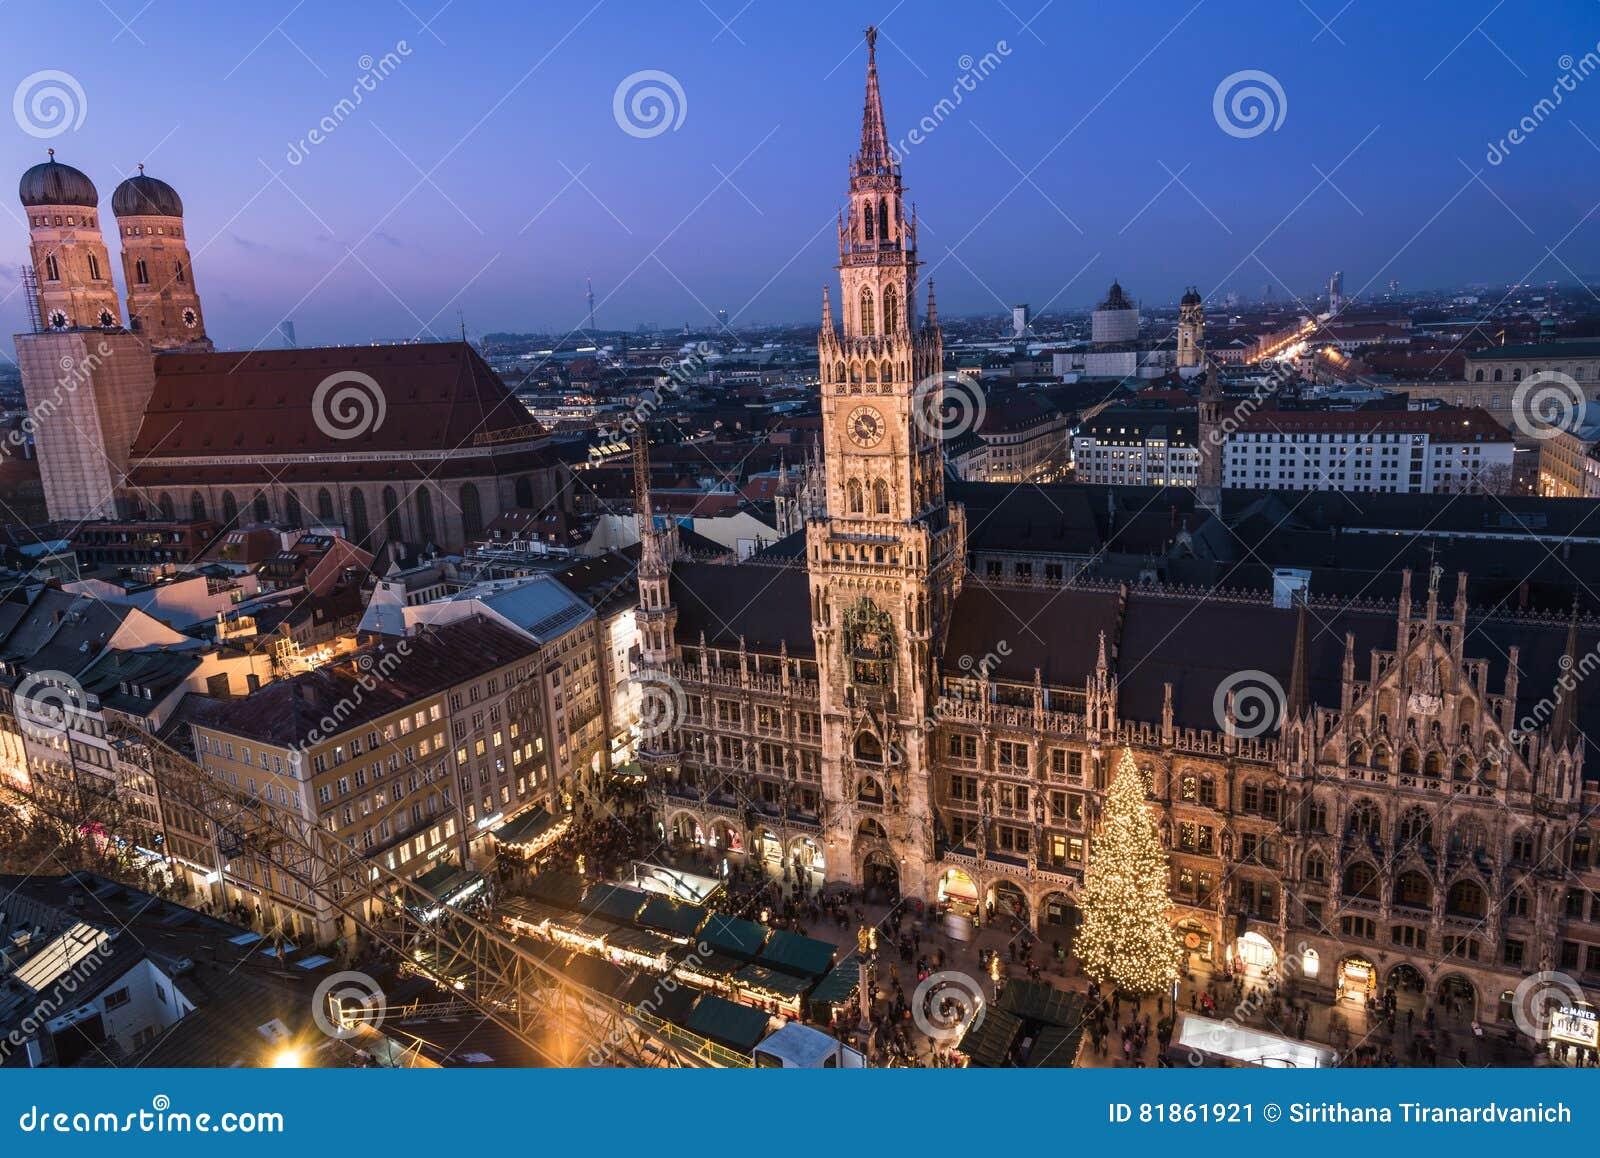 Marienplatz Weihnachtsmarkt.Weihnachtsmarkt Auf Marienplatz München Deutschland Redaktionelles